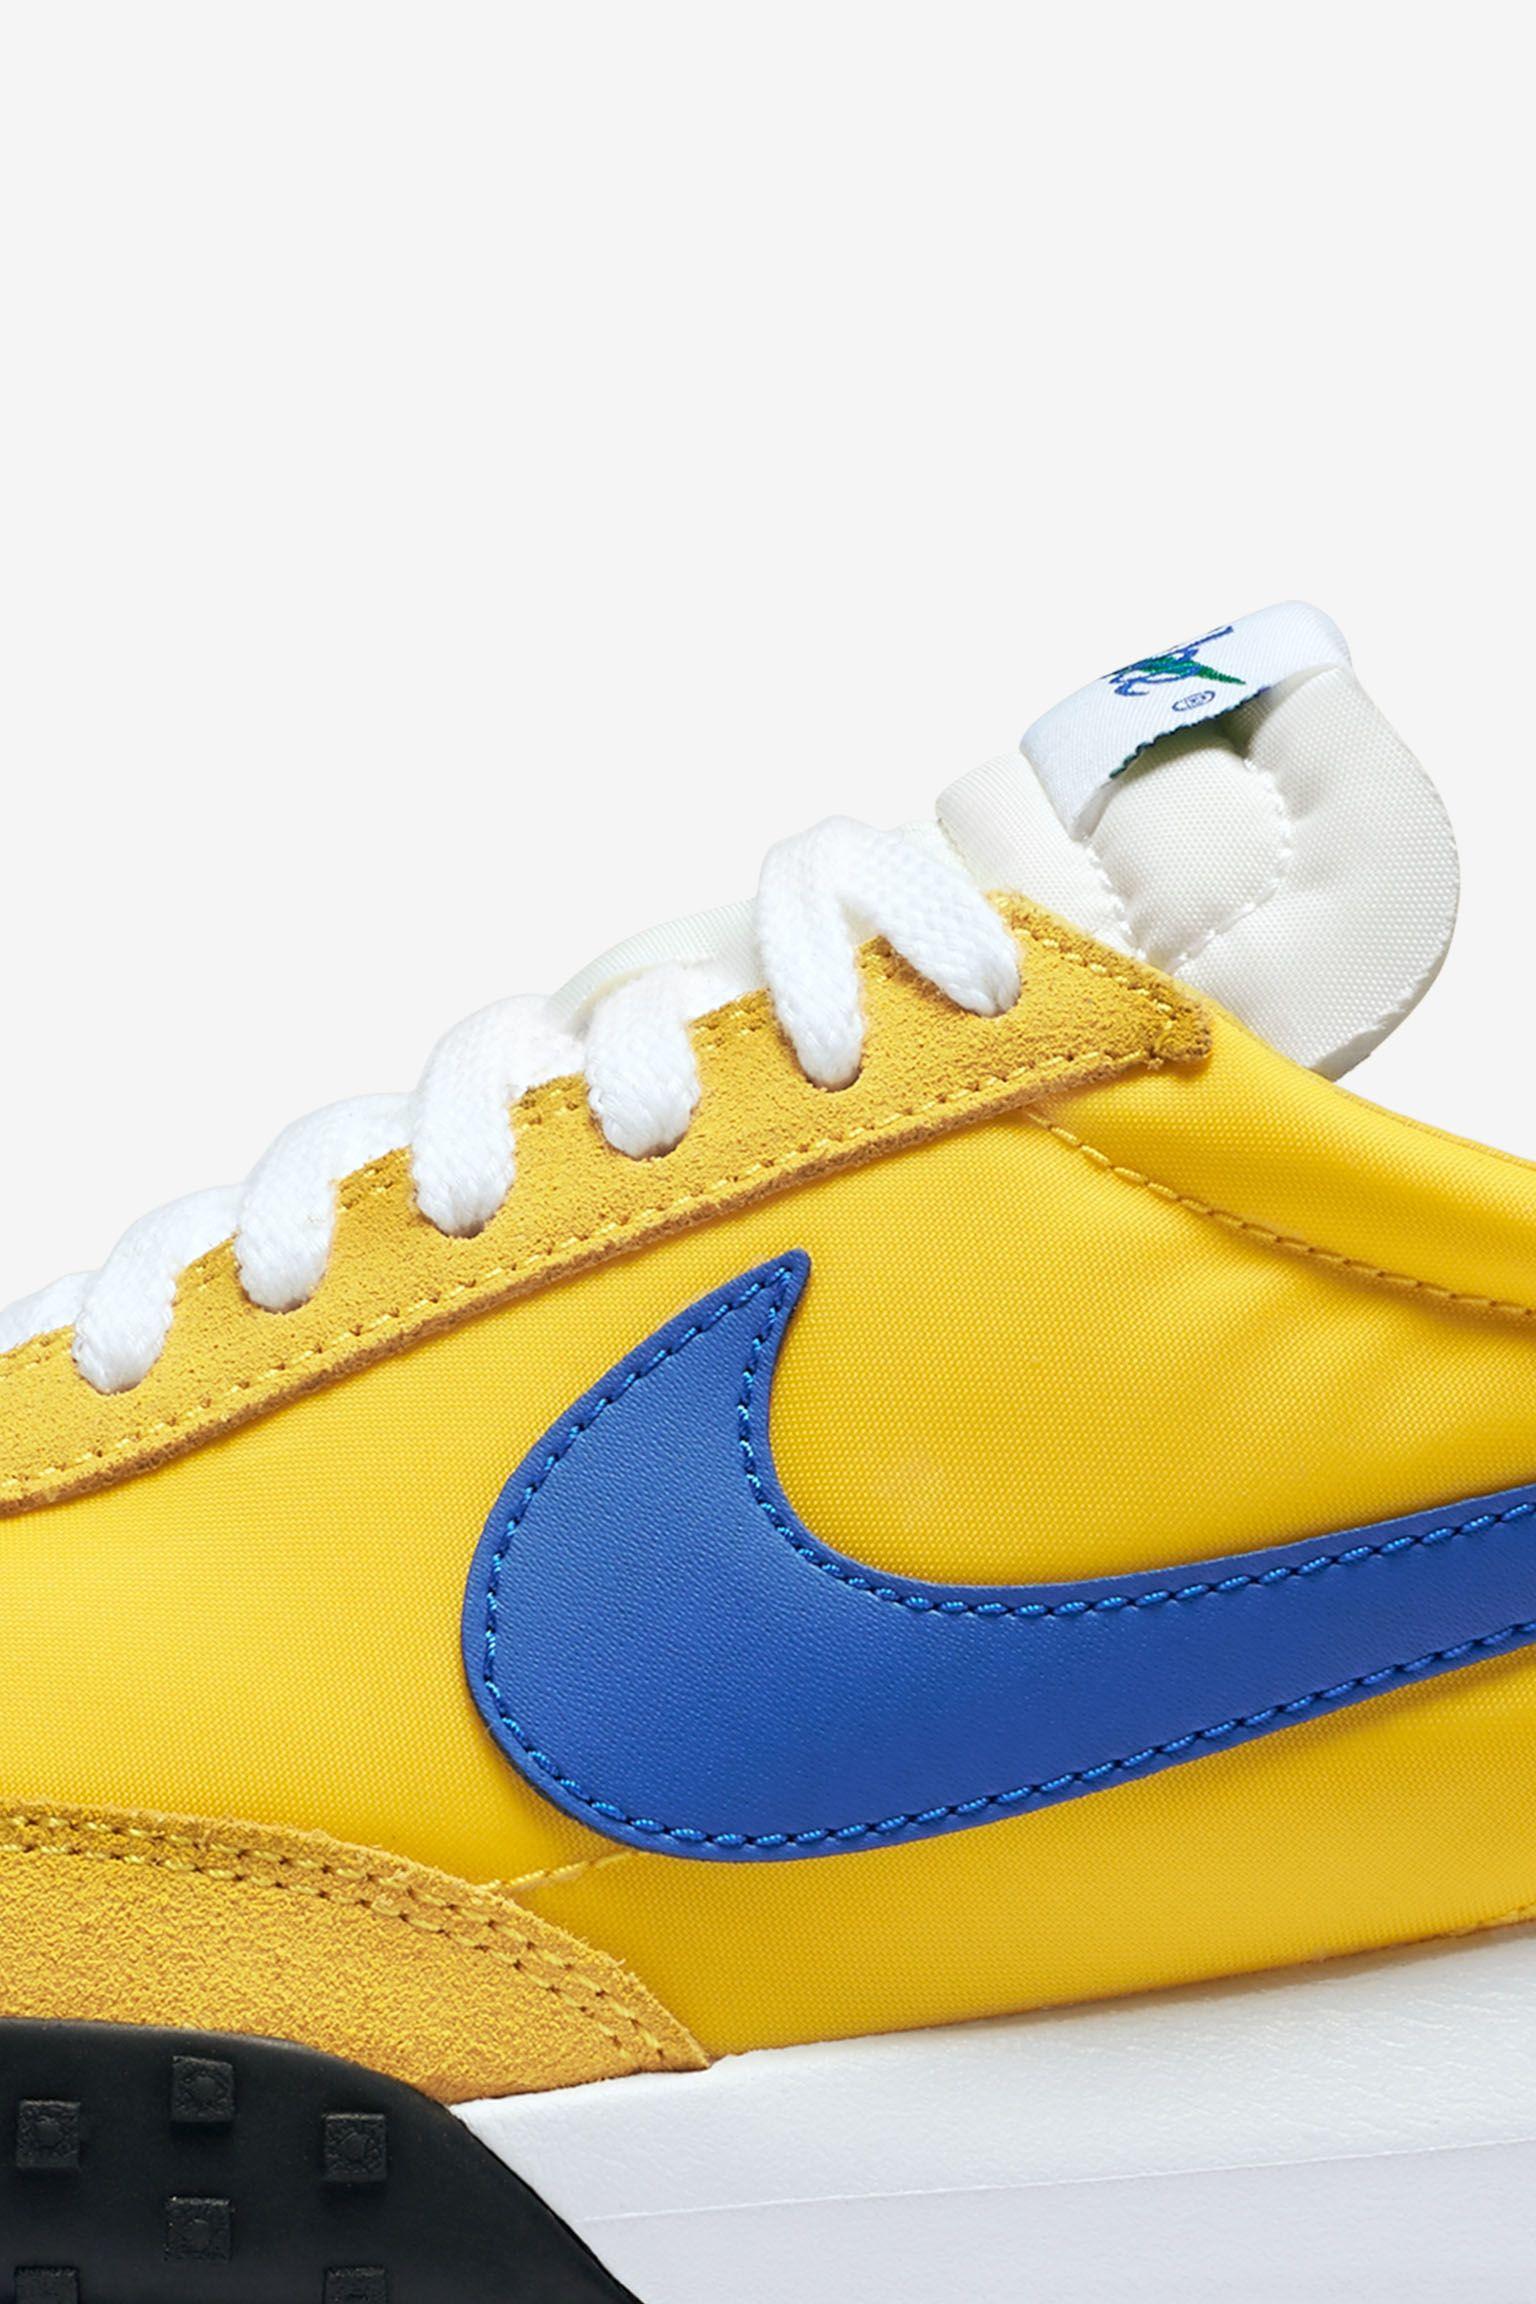 Nike Roshe Waffle Racer 'Tour Yellow & Hyper Cobalt'